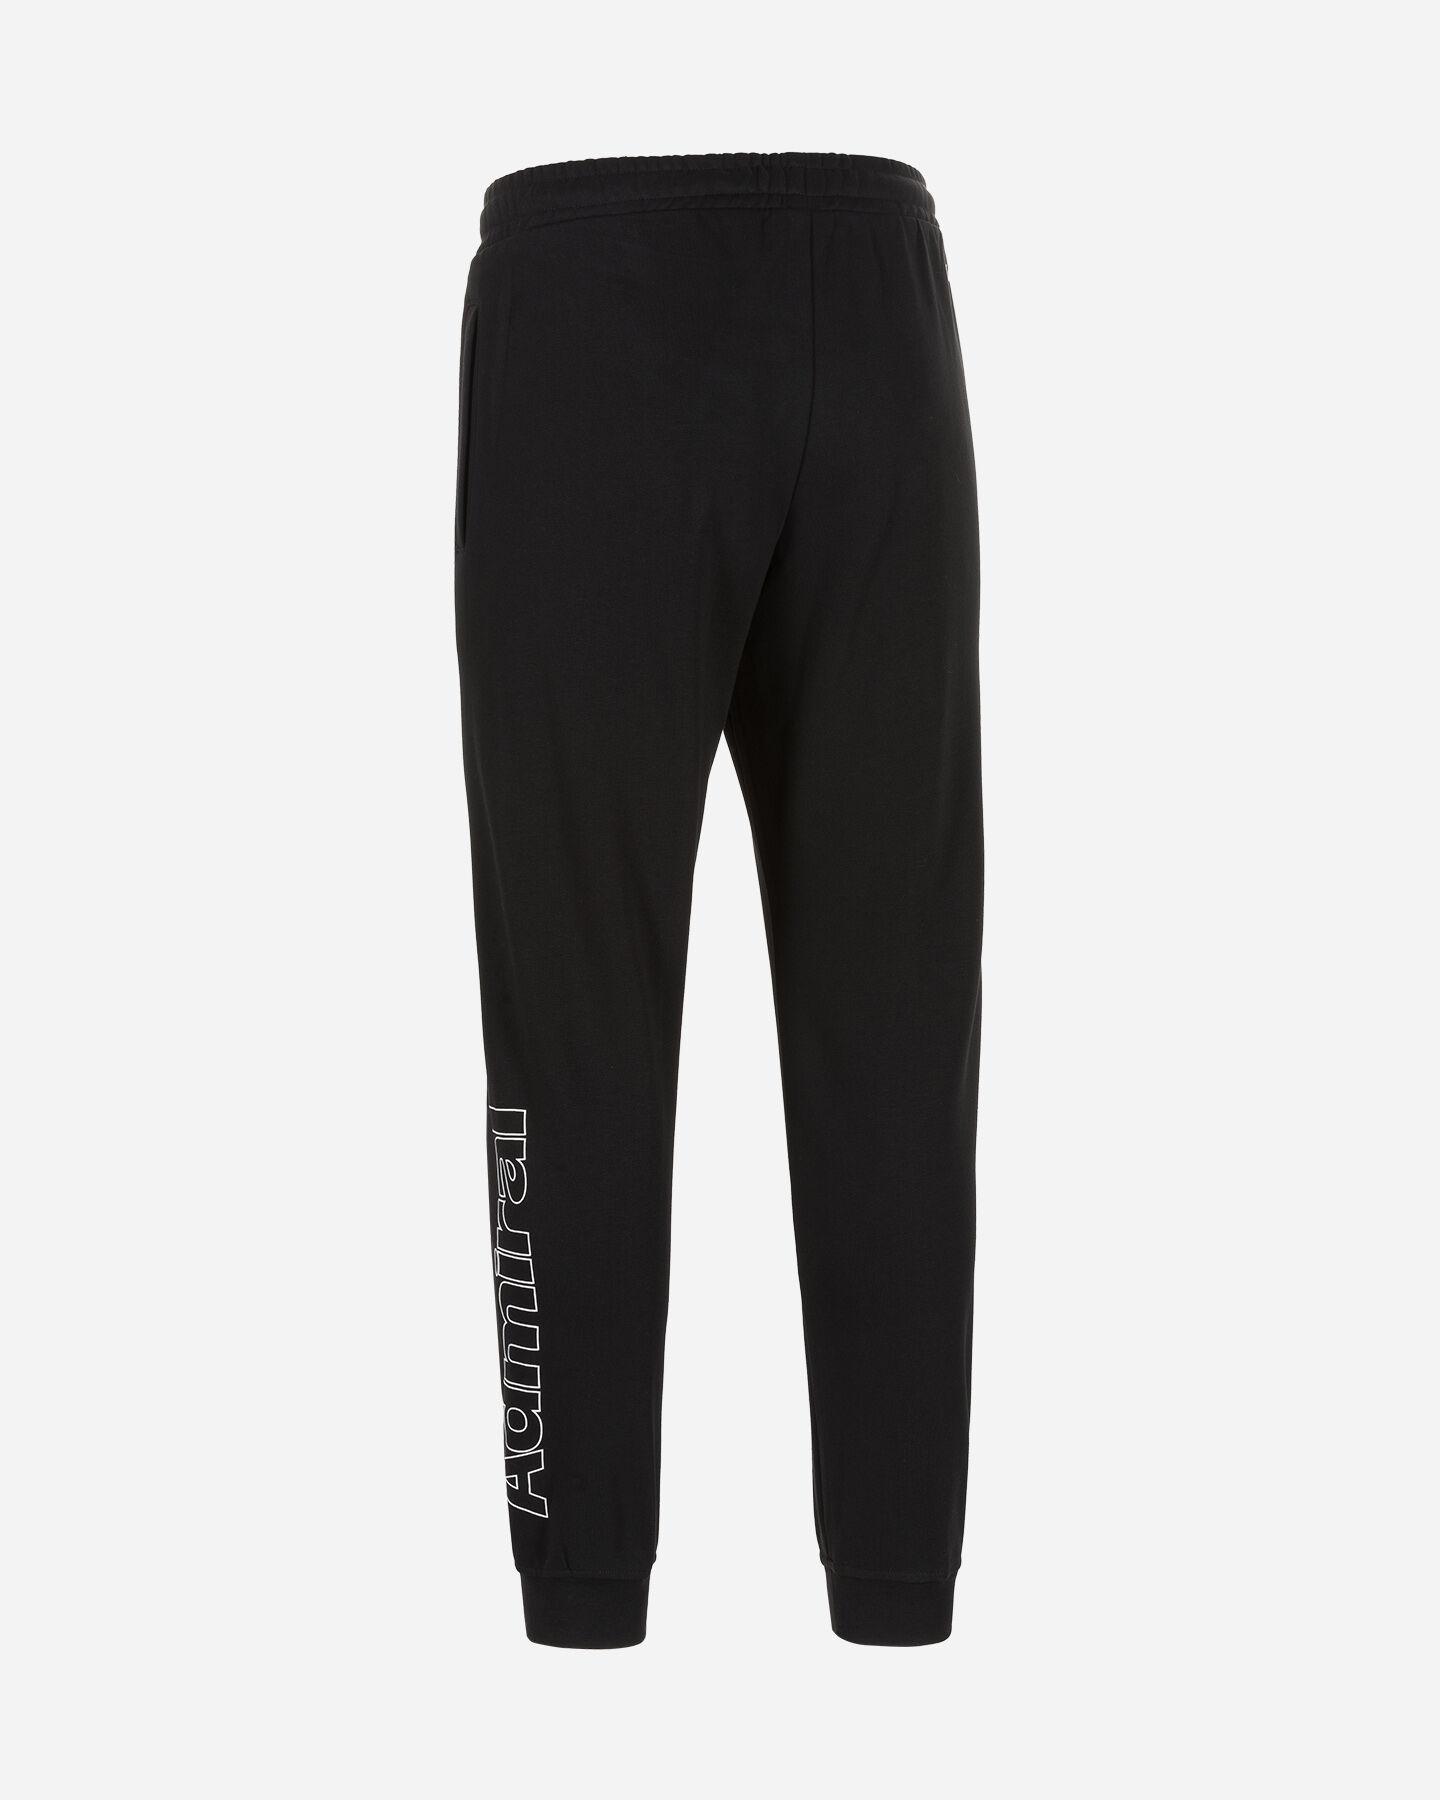 Pantalone ADMIRAL FNG LOGO M S4080630 scatto 1